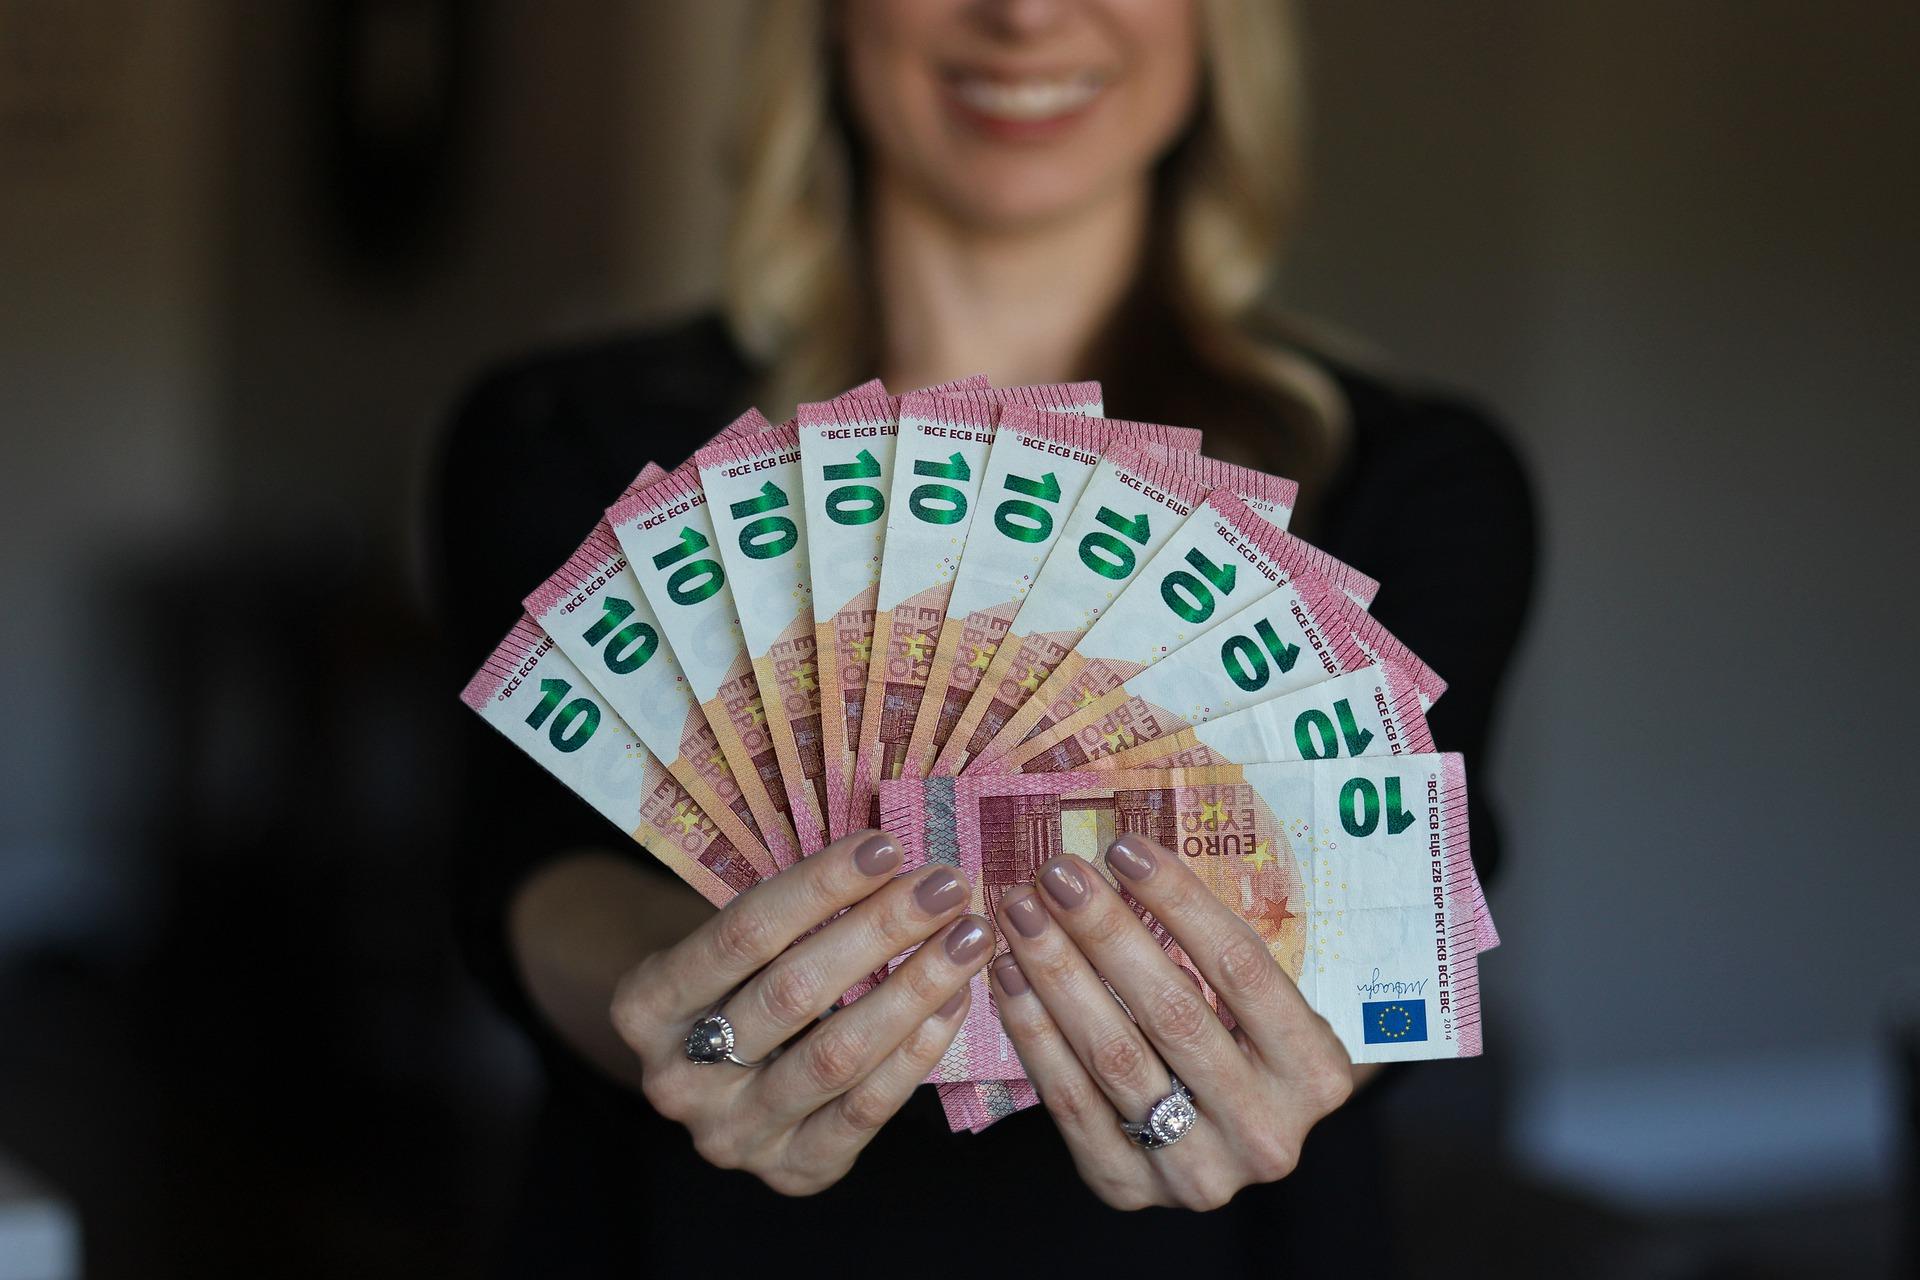 Información sobre los préstamos entre pares (P2P)